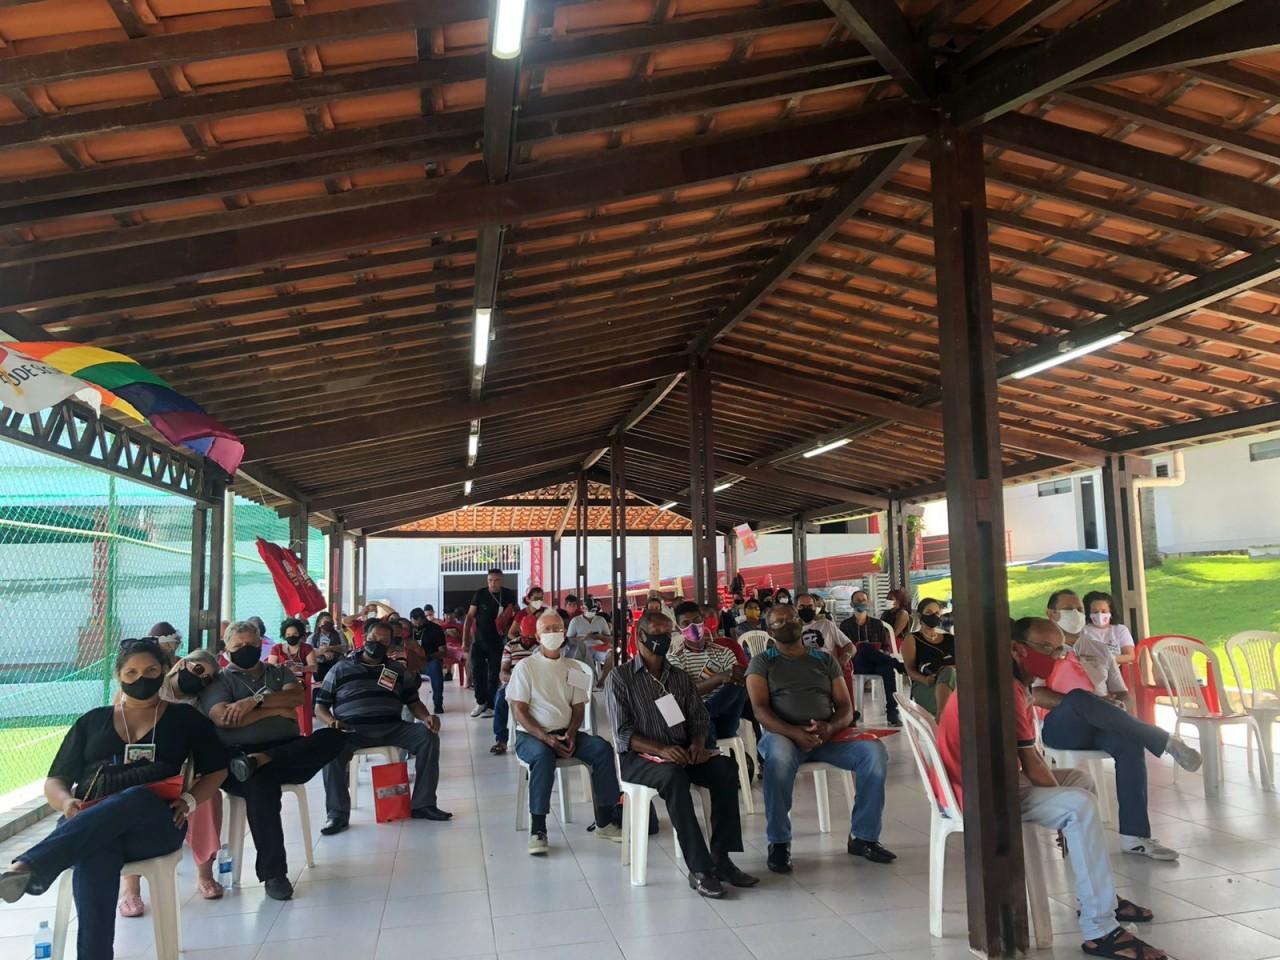 WhatsApp Image 2021 09 18 at 20.19.48 1 - Diretório do PCdoB em JP realiza conferência e reconduz presidente Jonildo Cavalcanti por mais dois anos